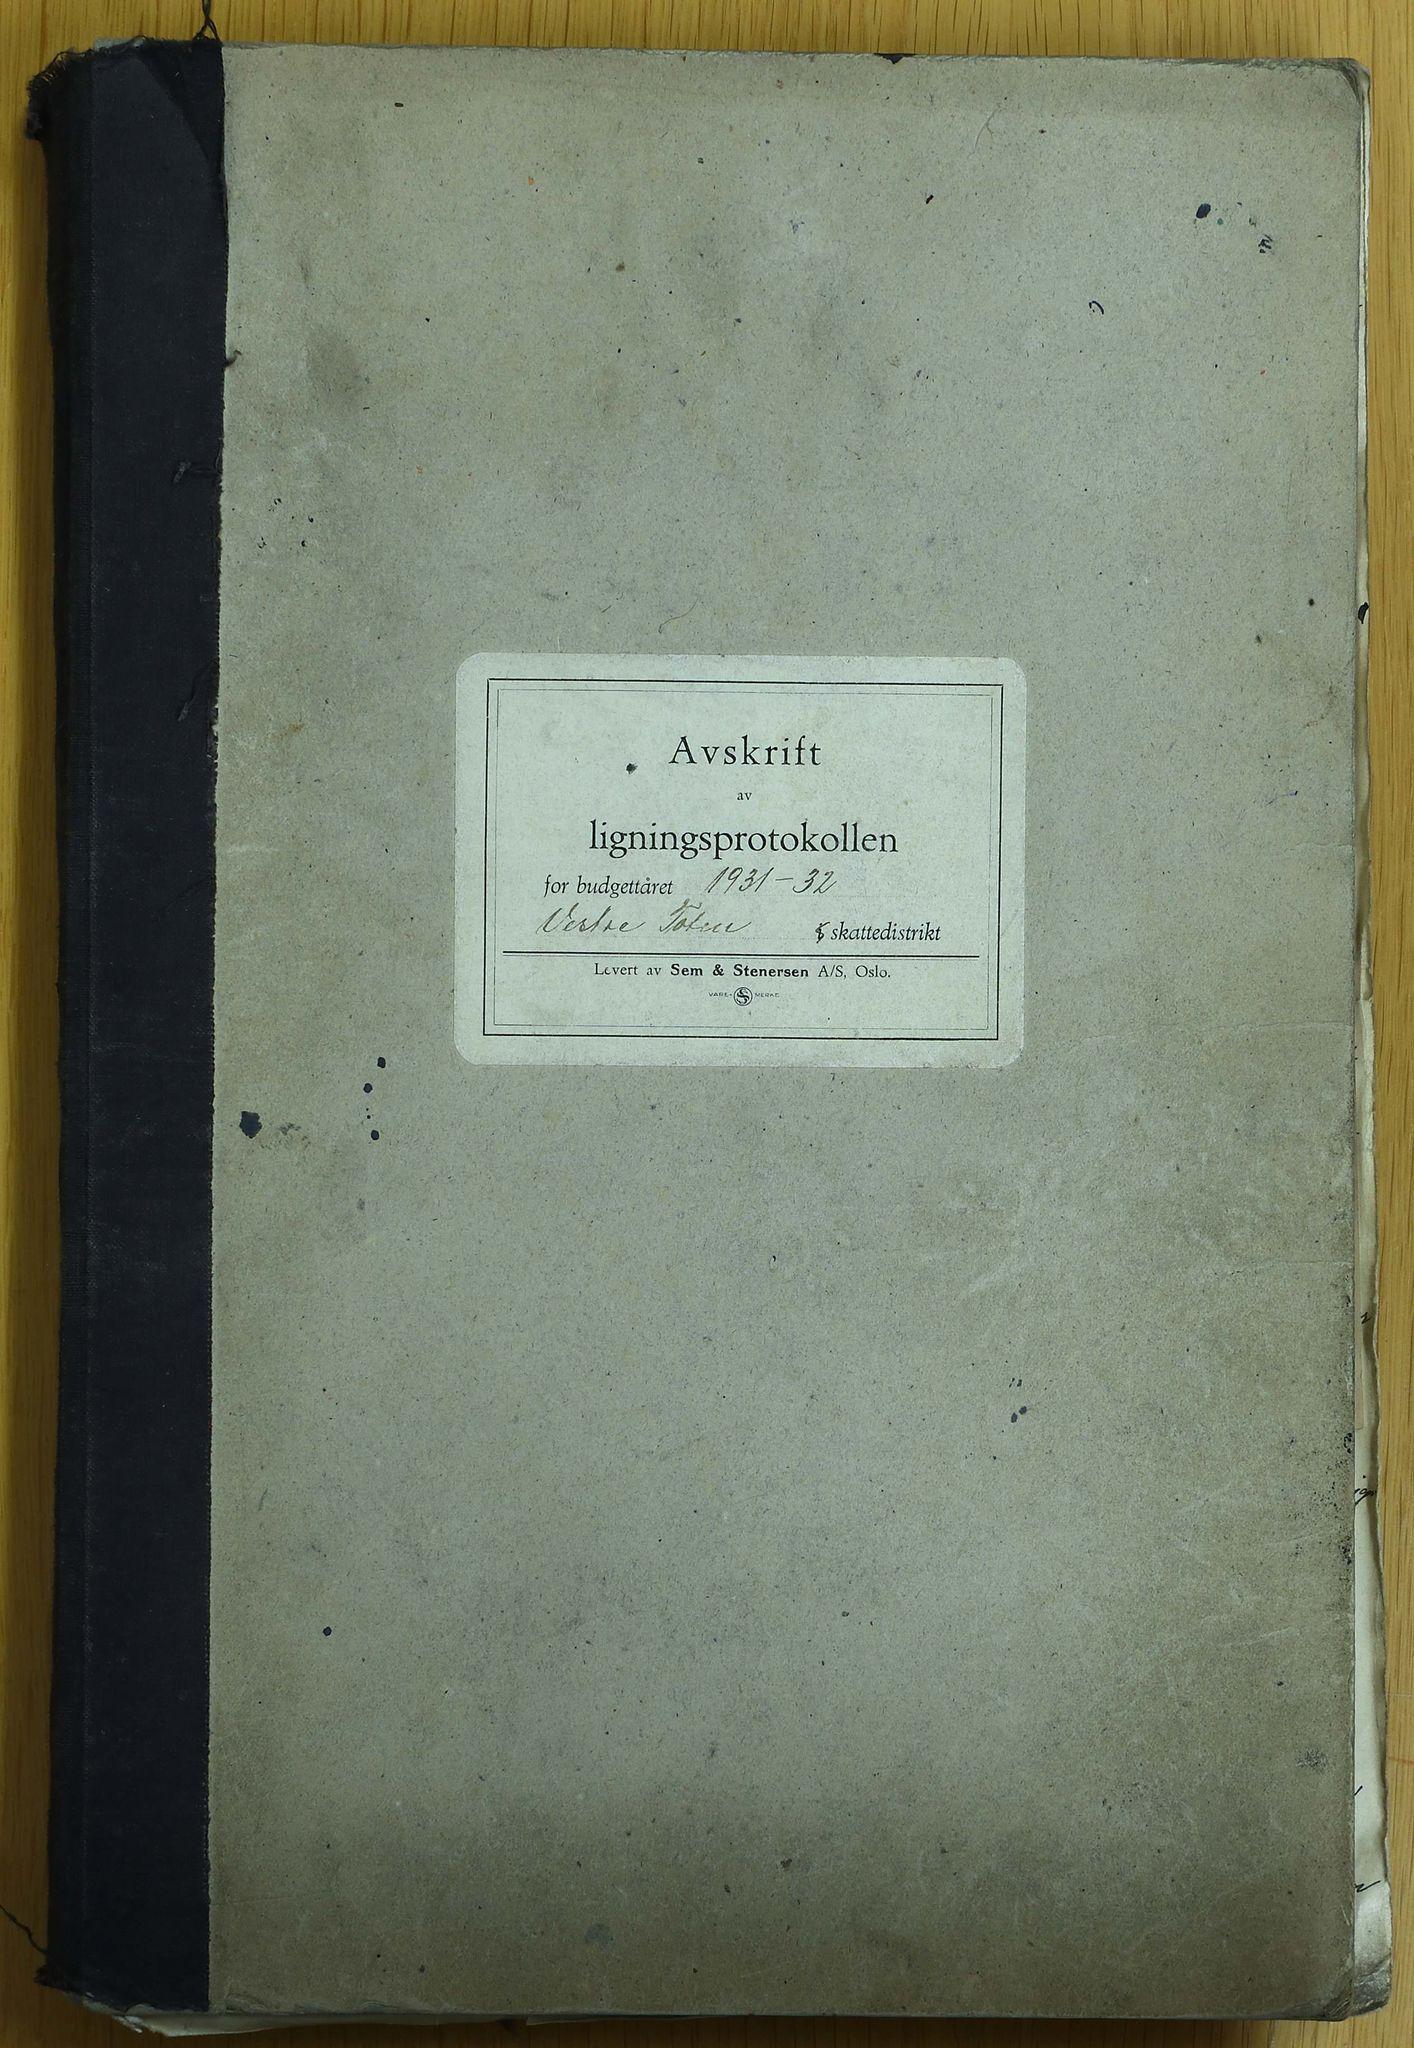 KVT, Vestre Toten municipality archive - Tax assessment protocol 1931-1932, 1931-1932